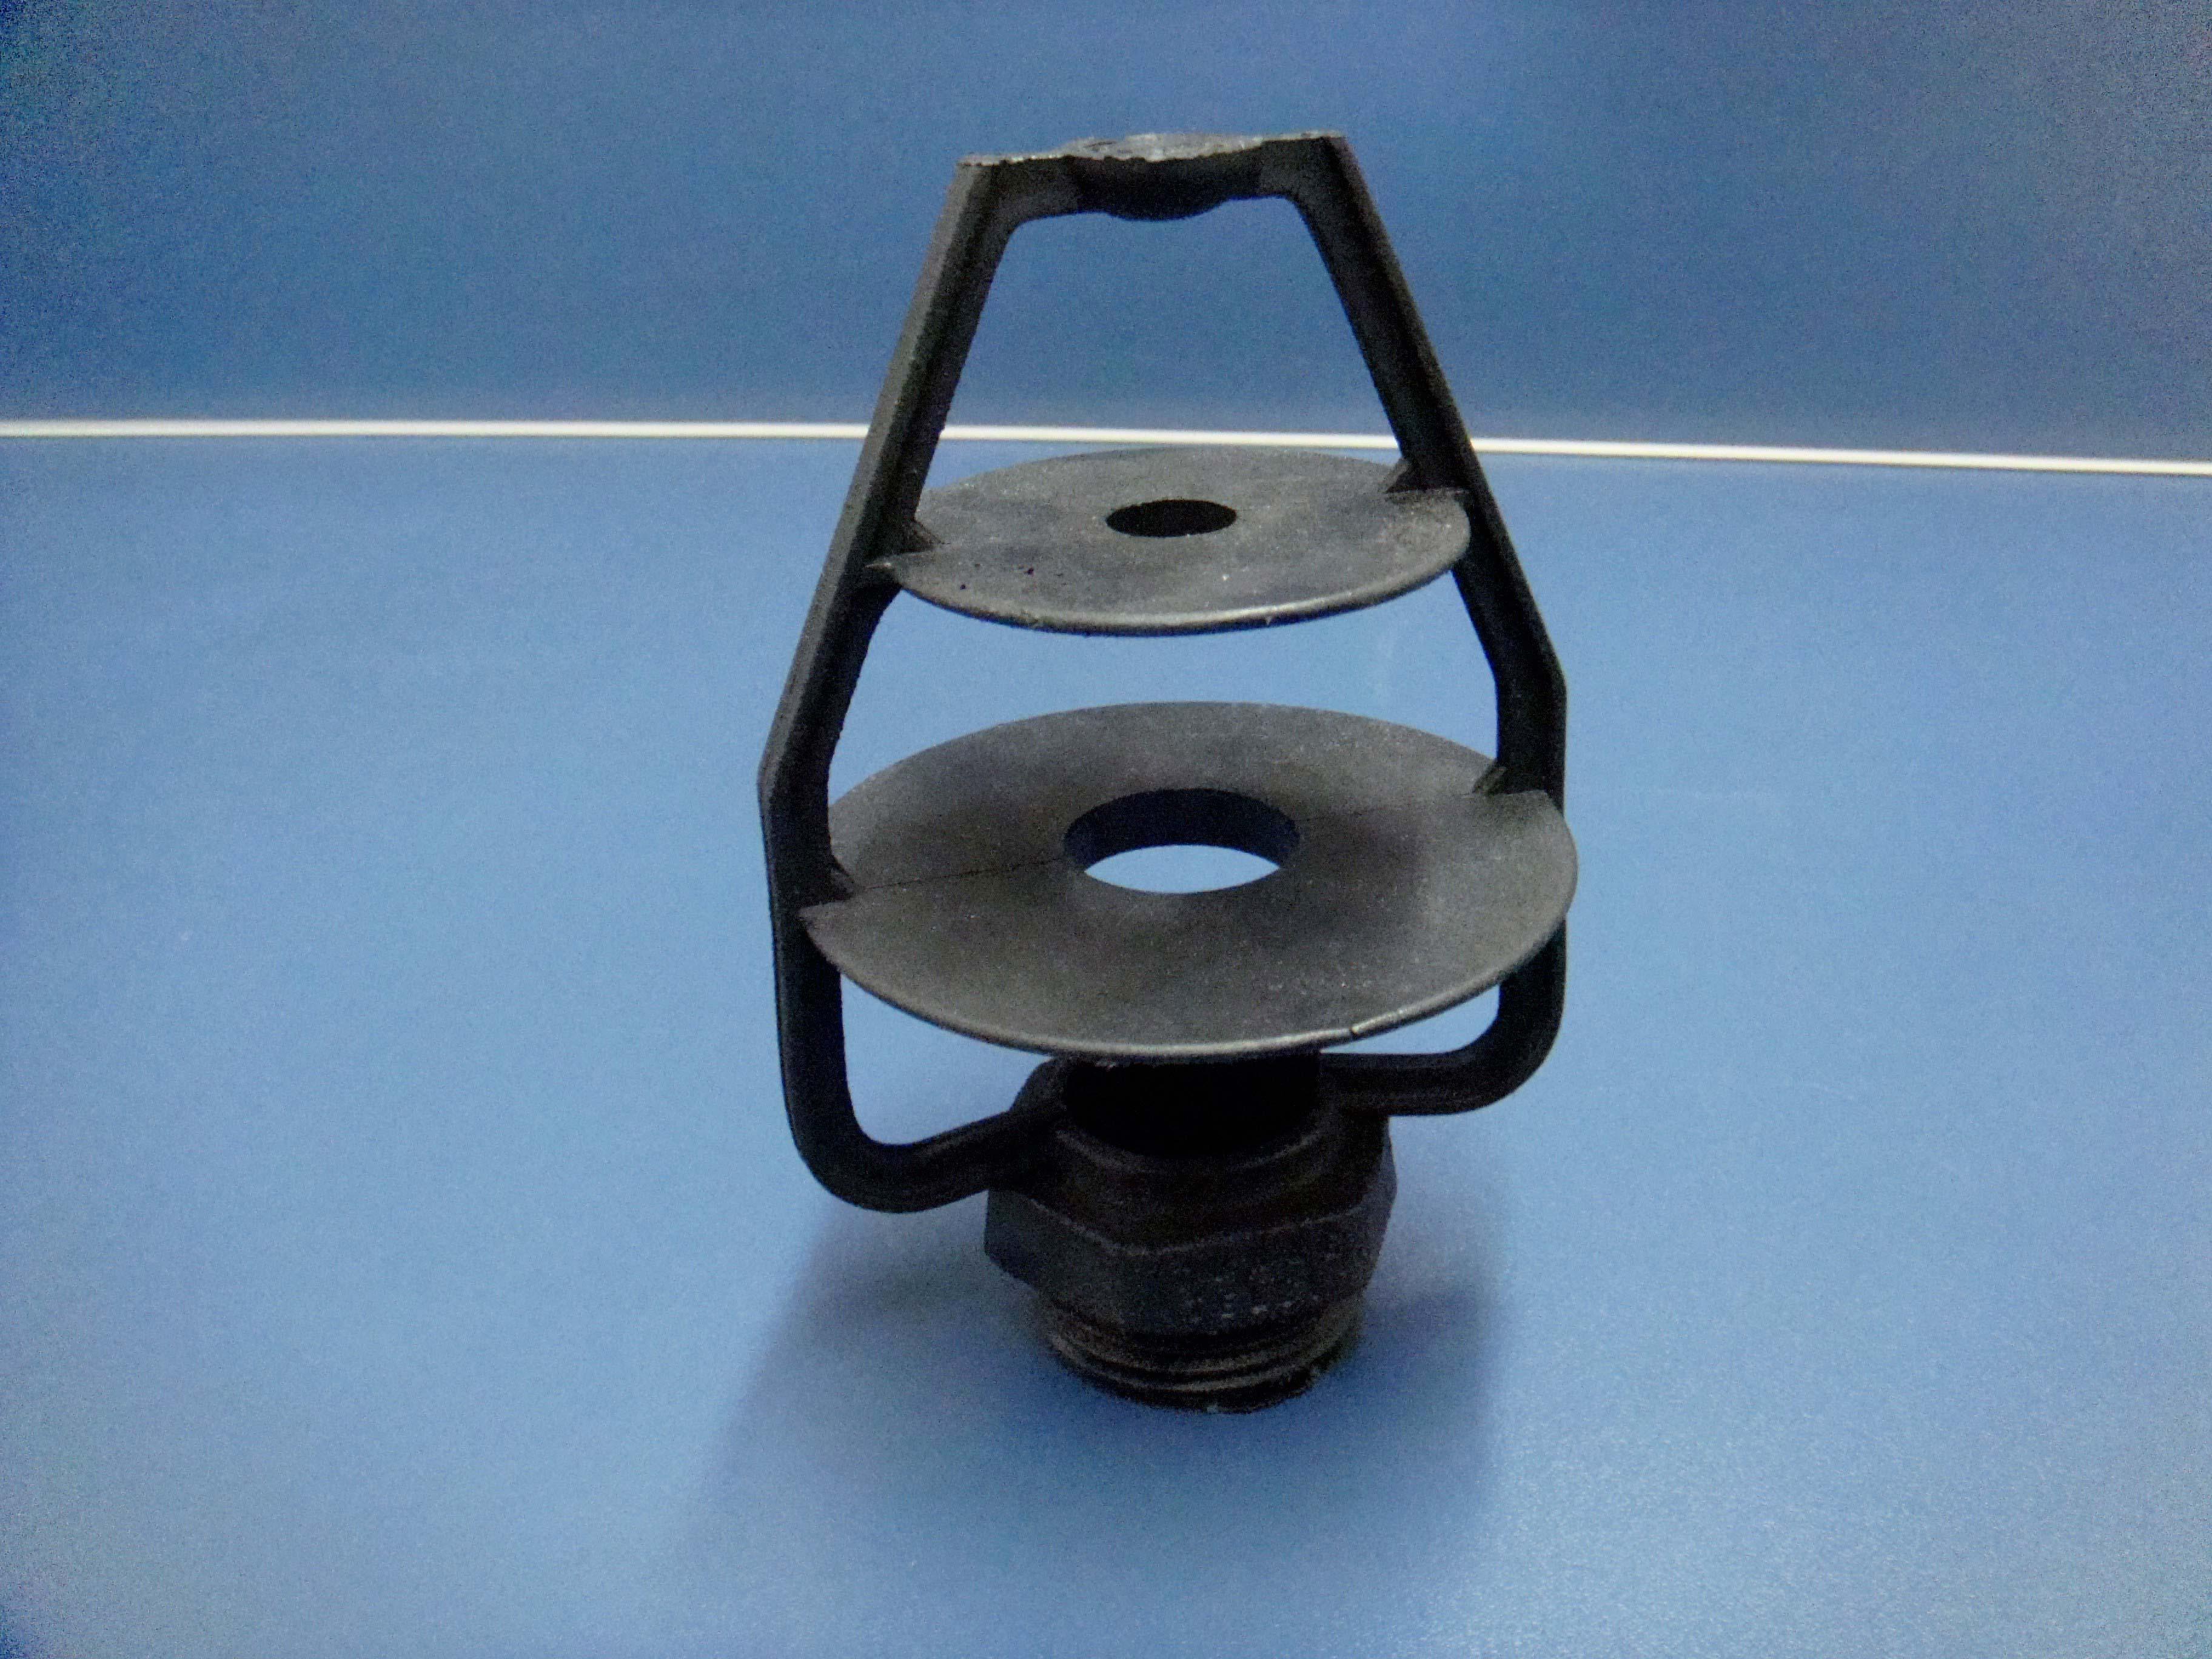 Bico aspersor de gua kofhax - Aspersor de agua ...